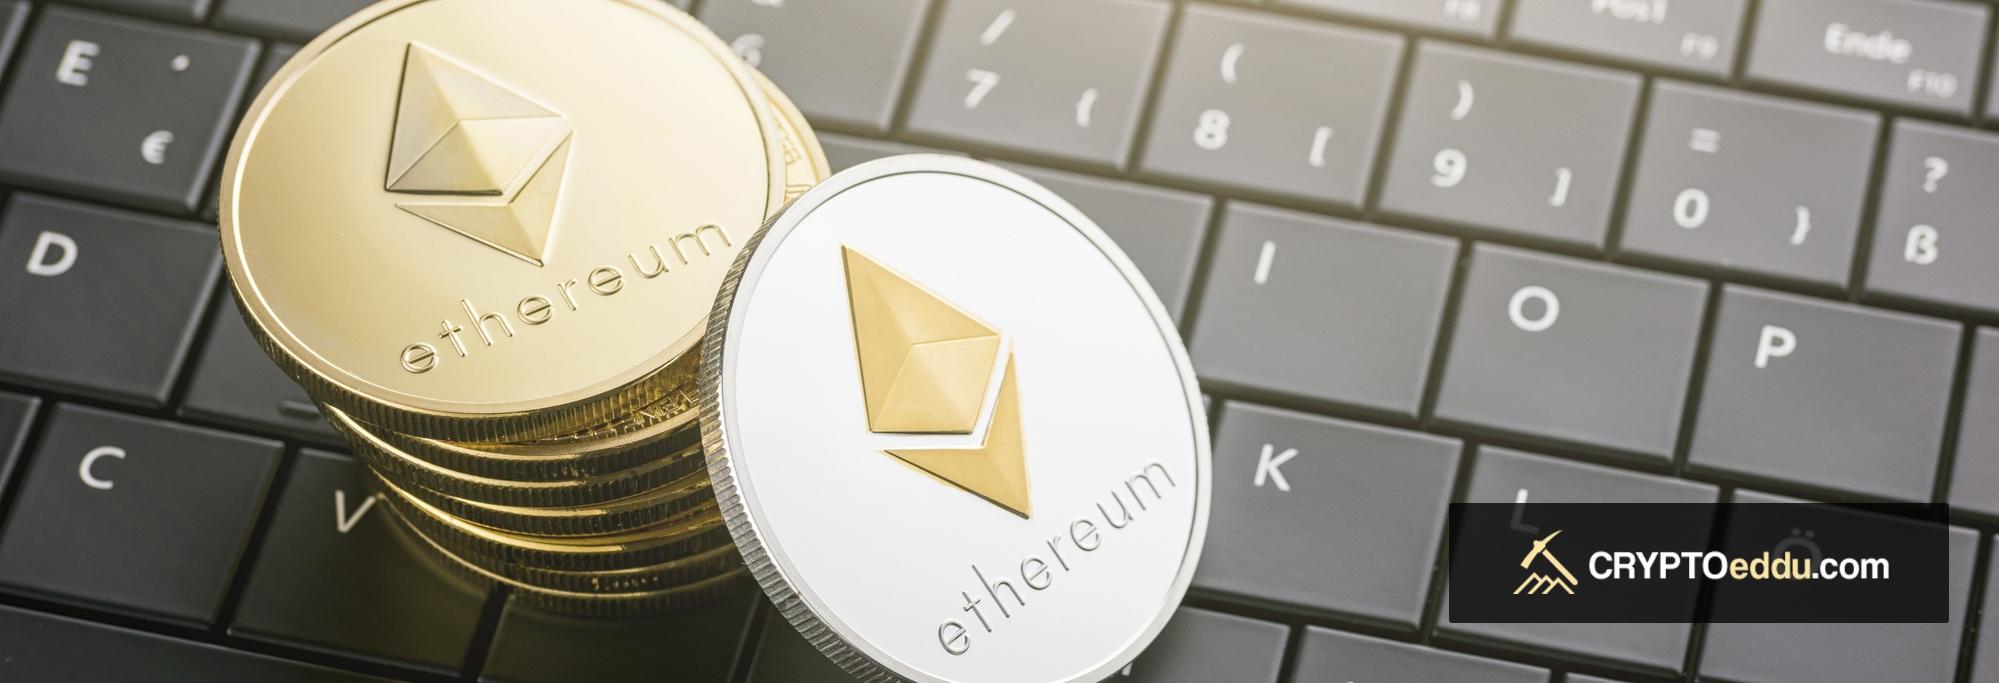 Svjesno ulaganje – Cryptoeddu platforma